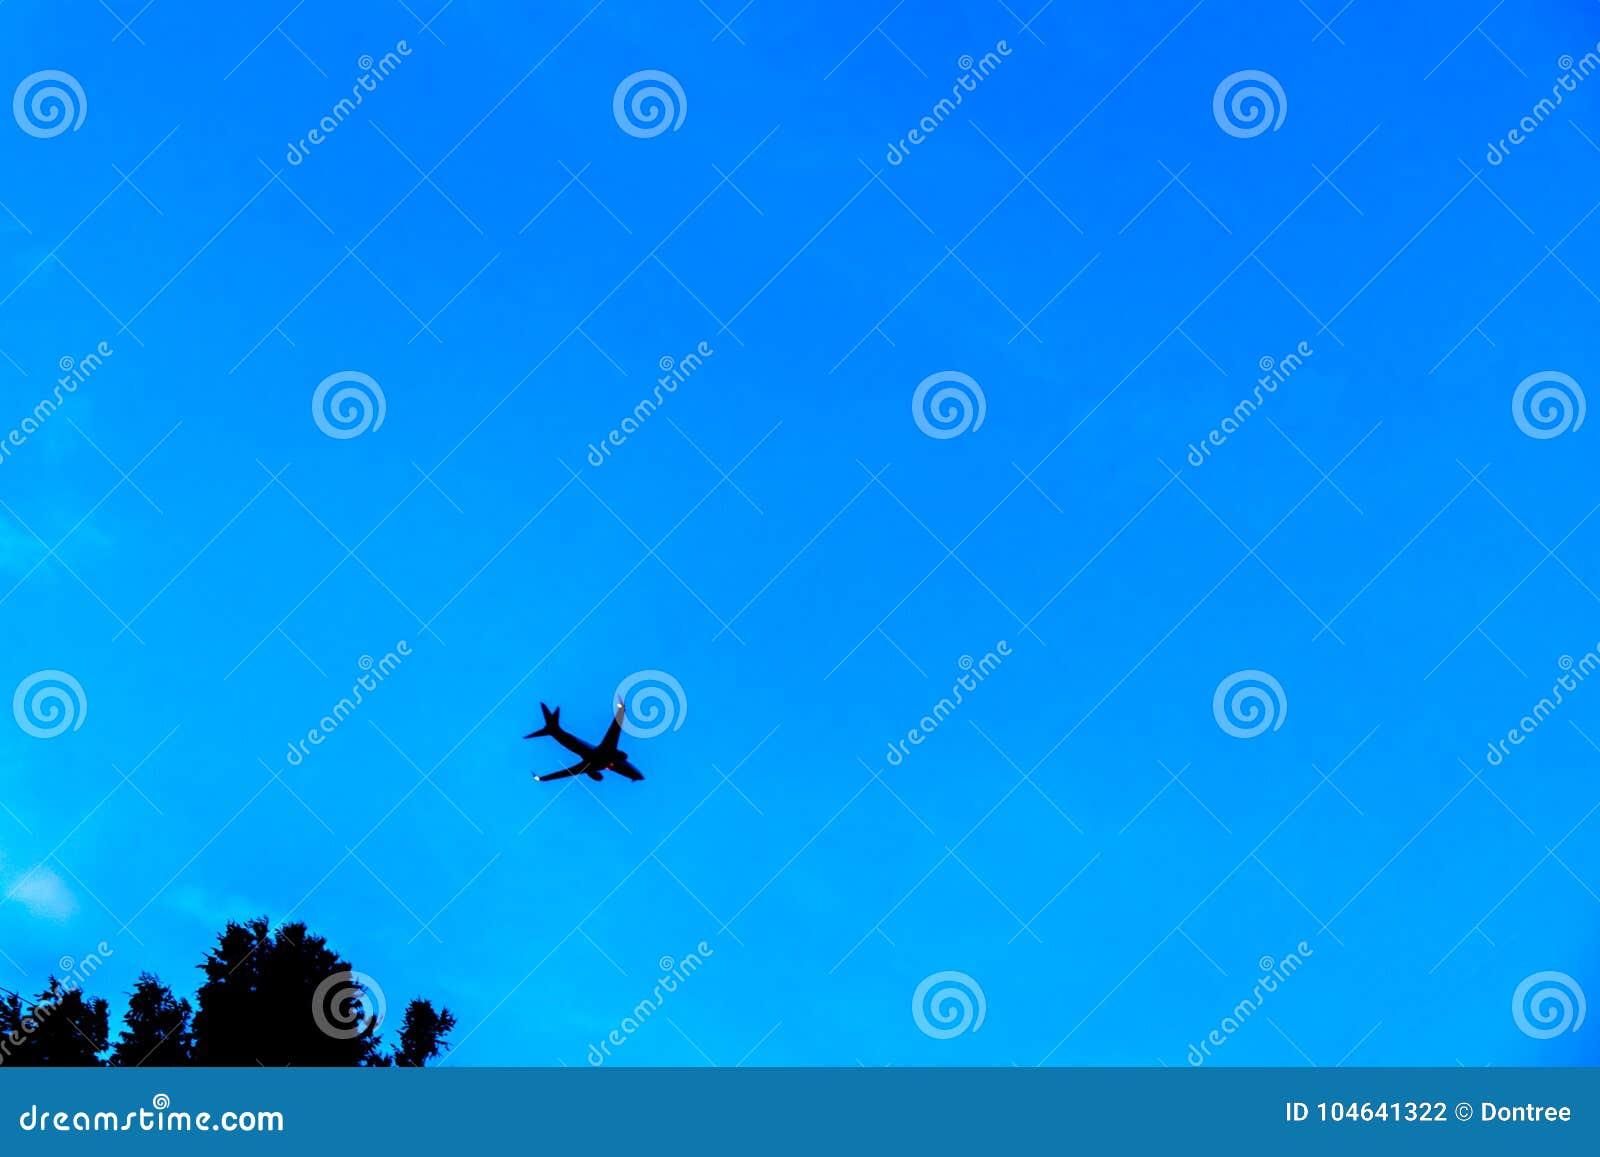 Download Foto Van Vliegend Vliegtuig In Blauwe Hemel Stock Foto - Afbeelding bestaande uit luchthaven, wolk: 104641322